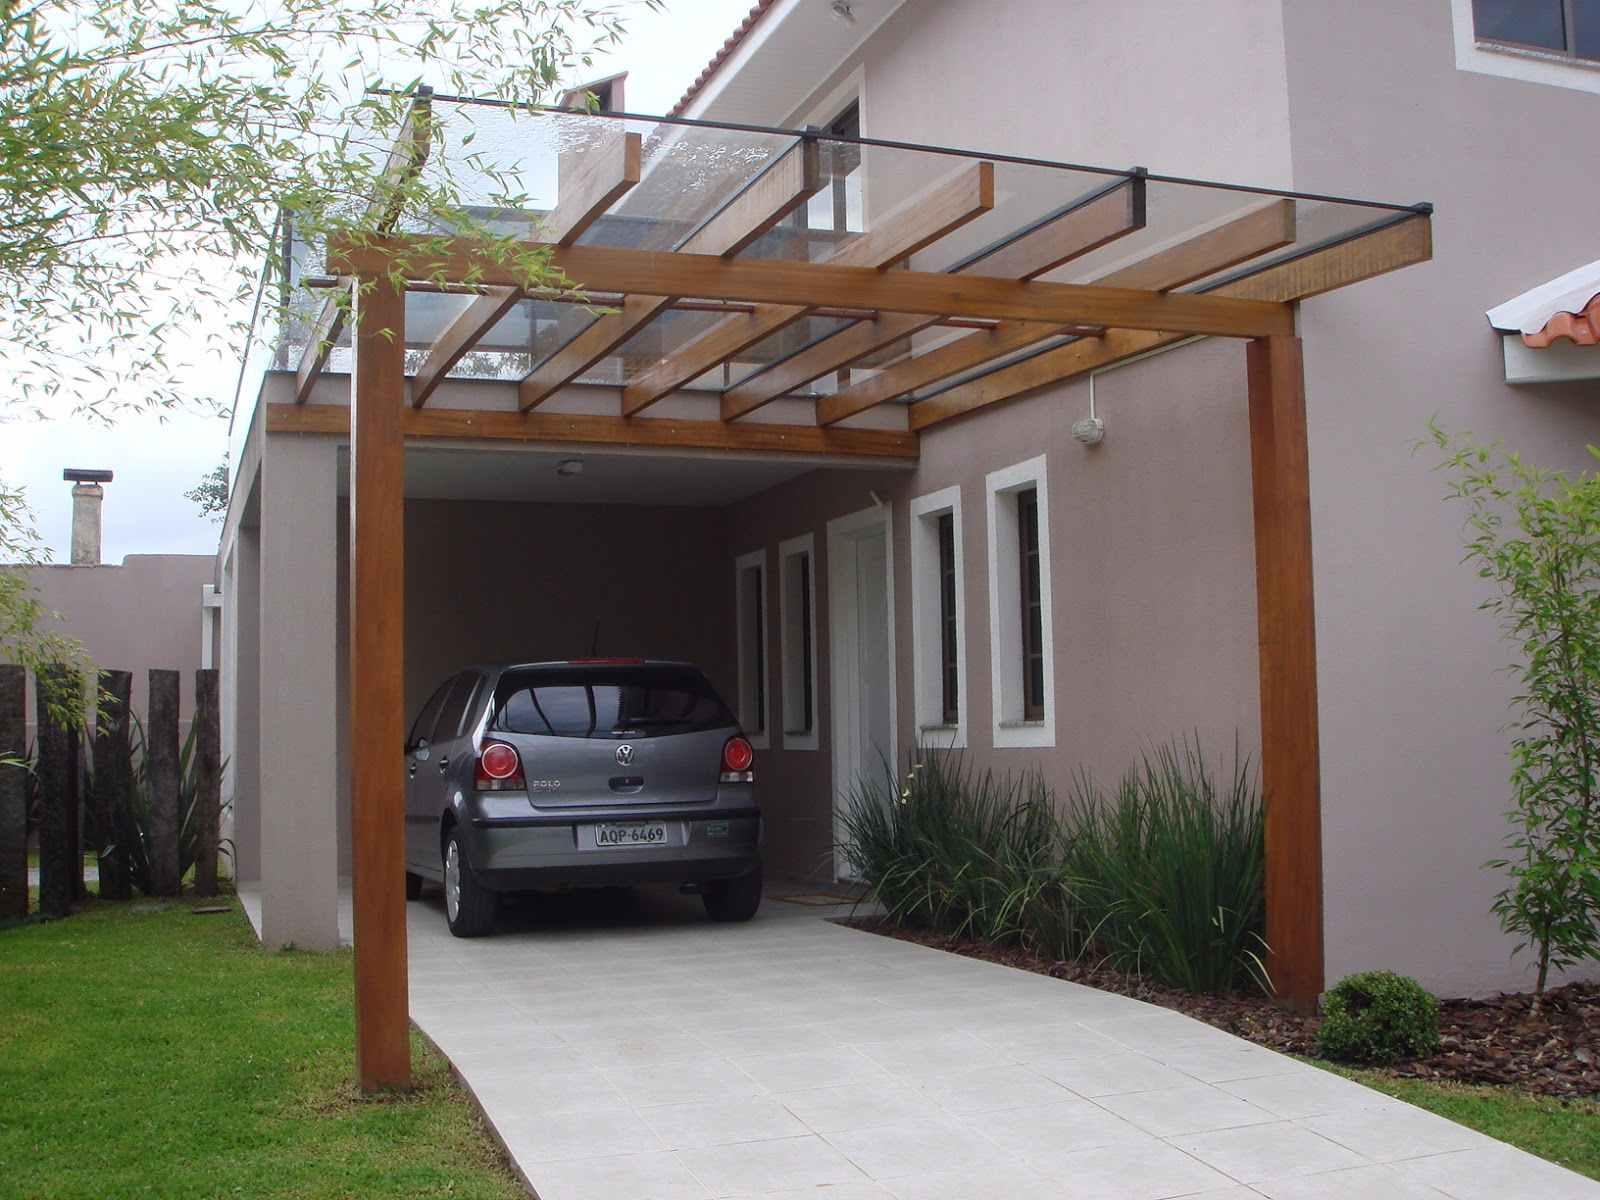 Garagem com telhado de vidro